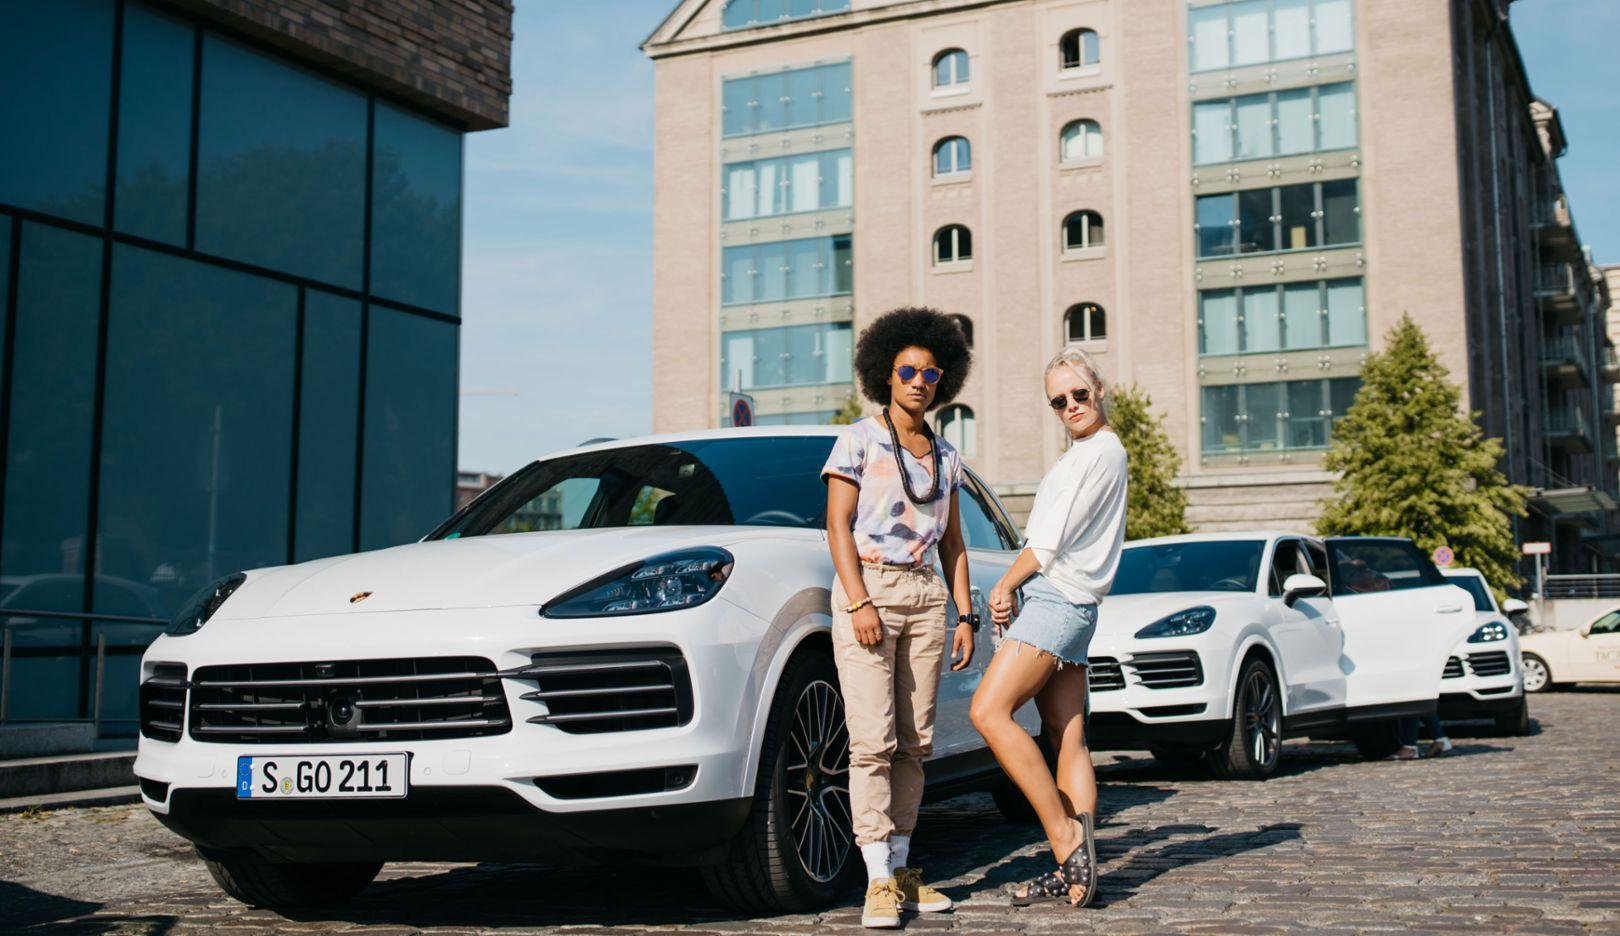 """Maike Mohr, Alice Martin, Dancehall crew """"Chefboss"""", Berlin, 2018, Porsche AG"""